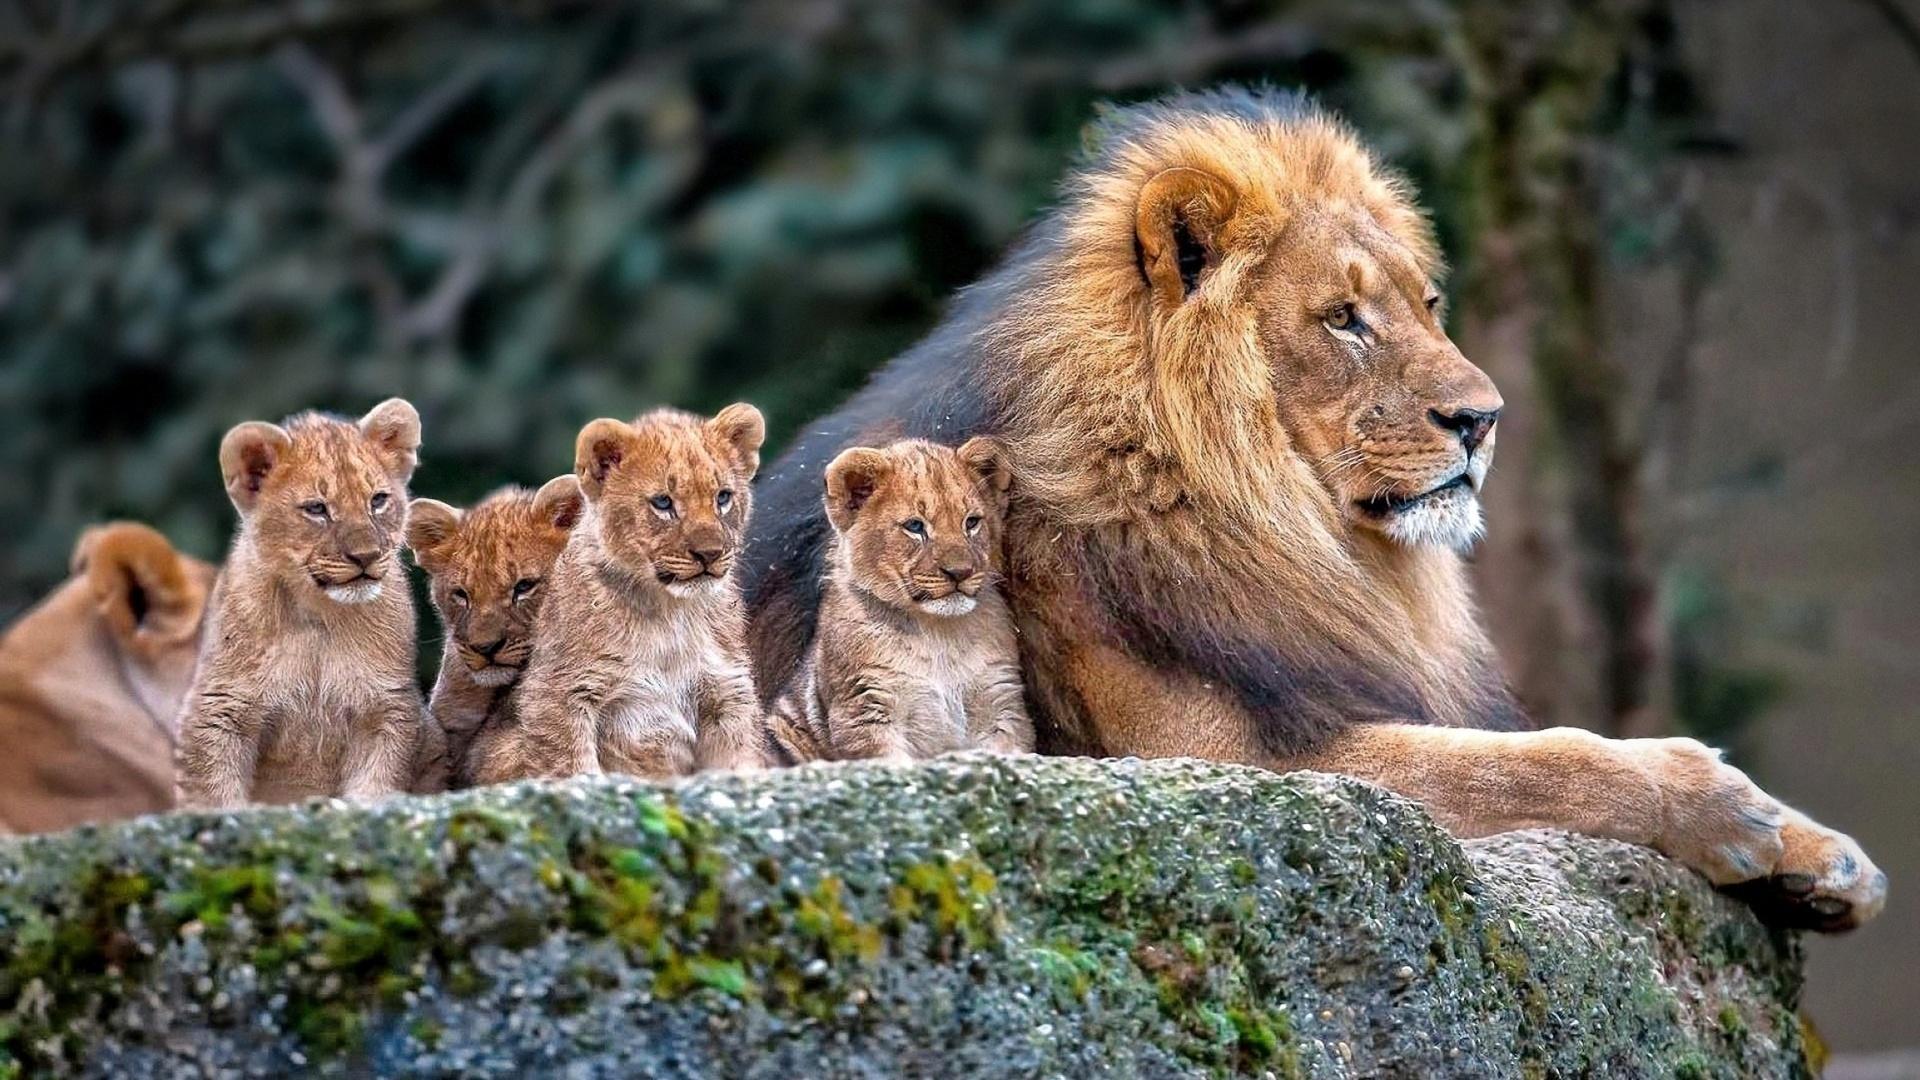 Картинка с львом